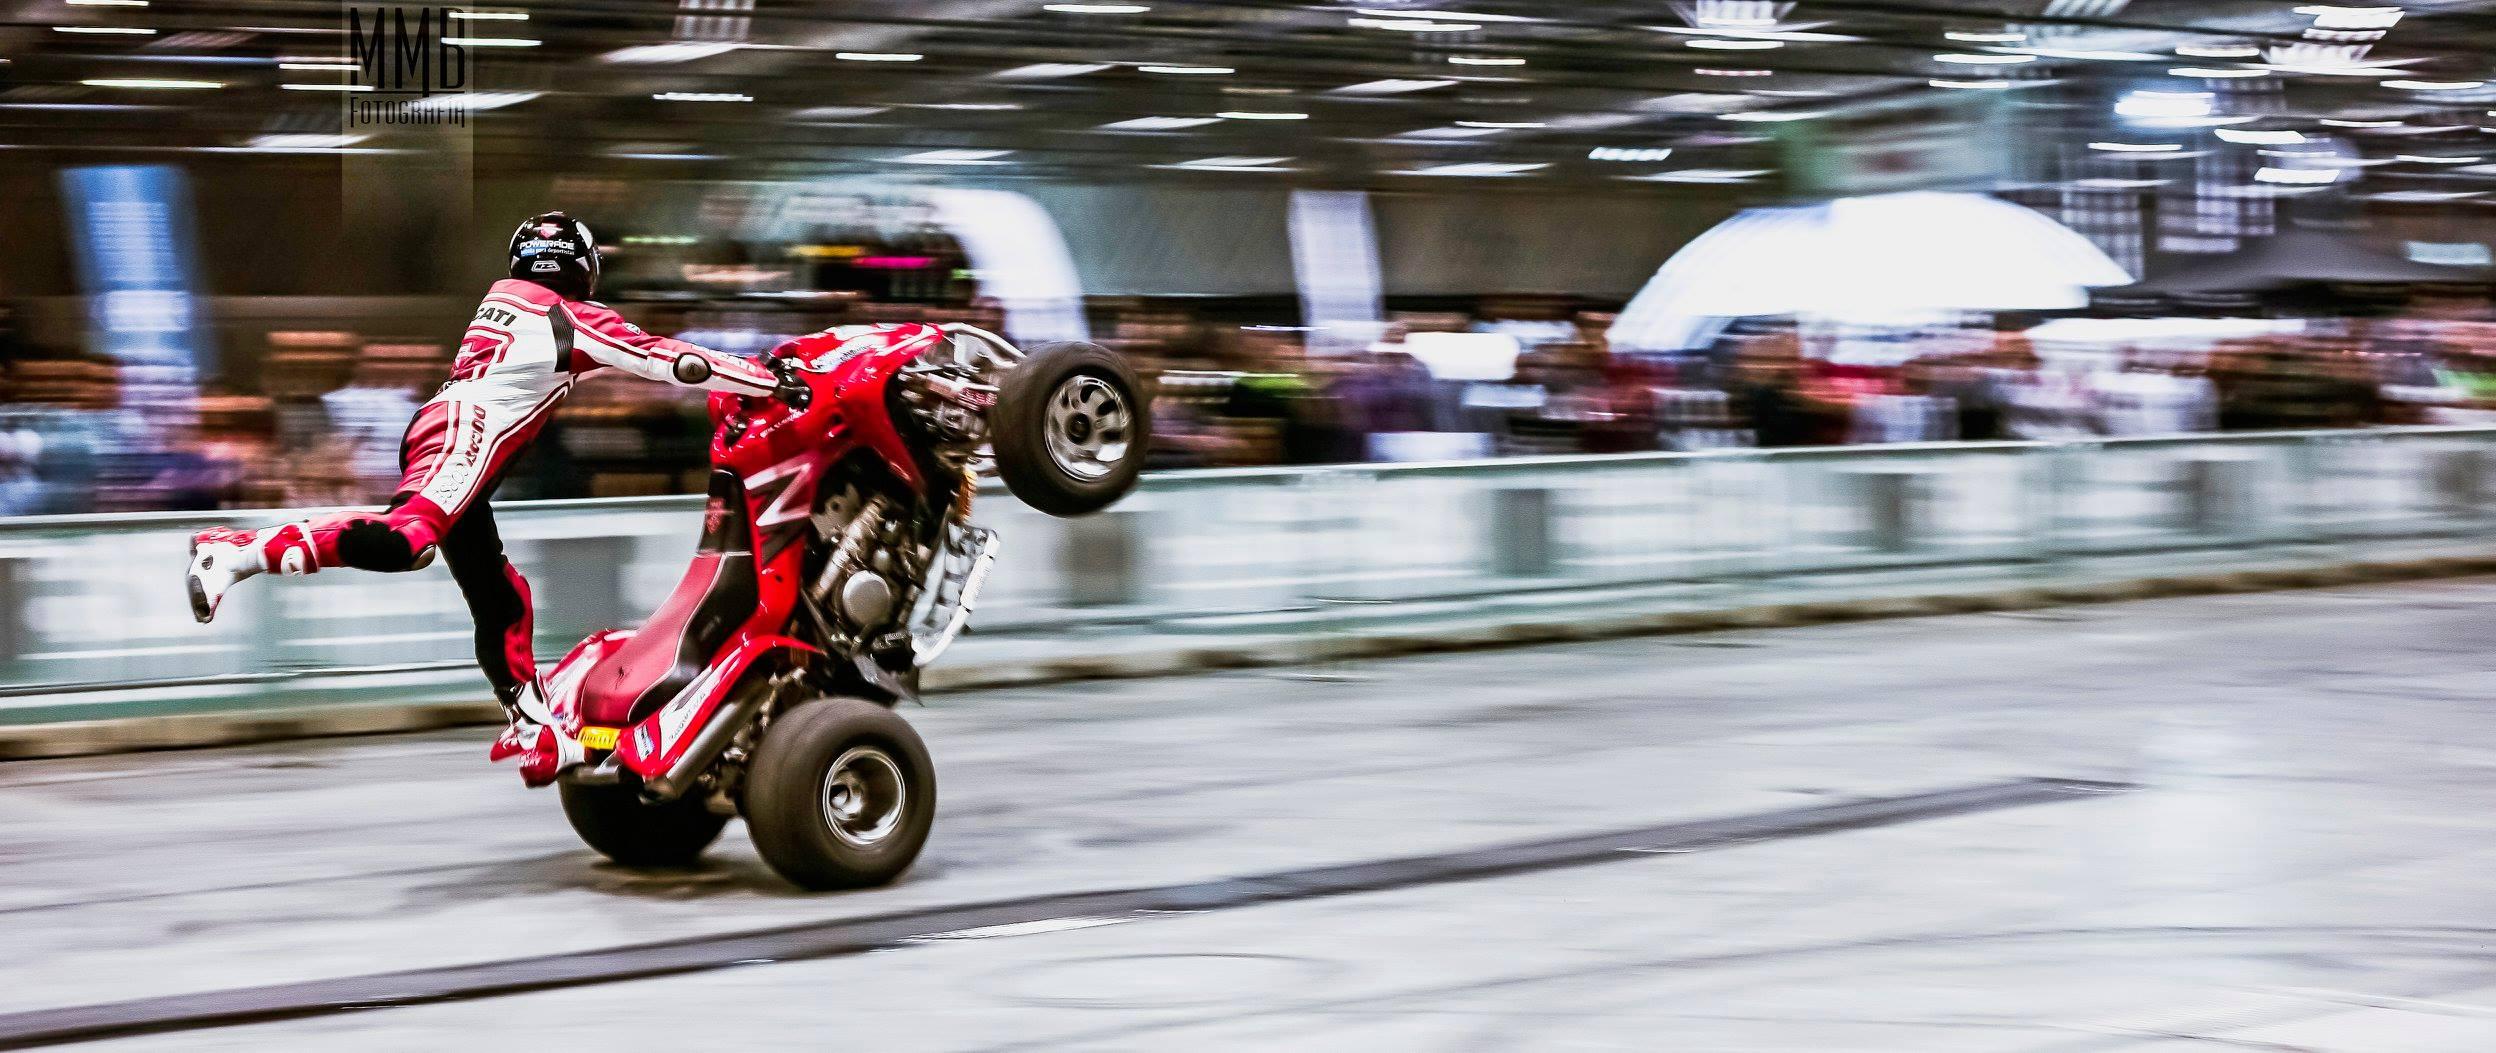 2ruedas_feria-valencia_emilio_zamora_ducati_stunt_team_2016_feria_moto_show_38